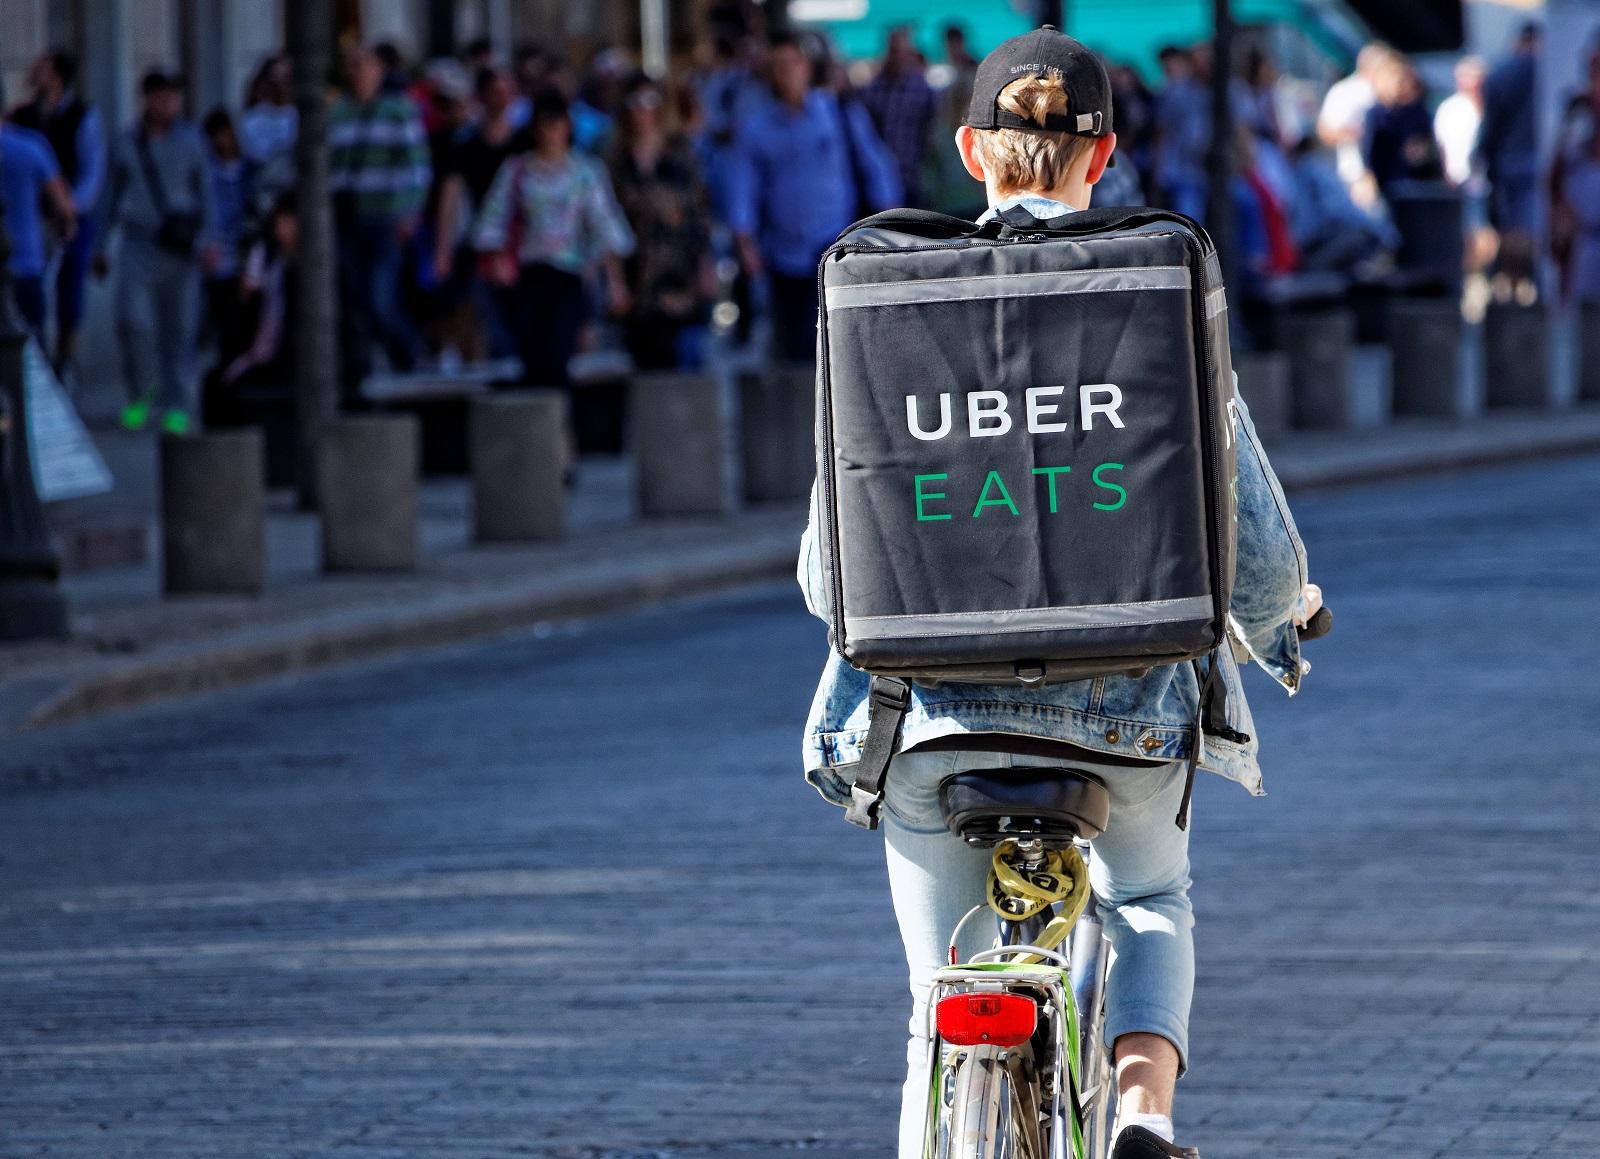 超越Uber Eats!這兩大美食外送集團即將合併,全球市場大洗牌